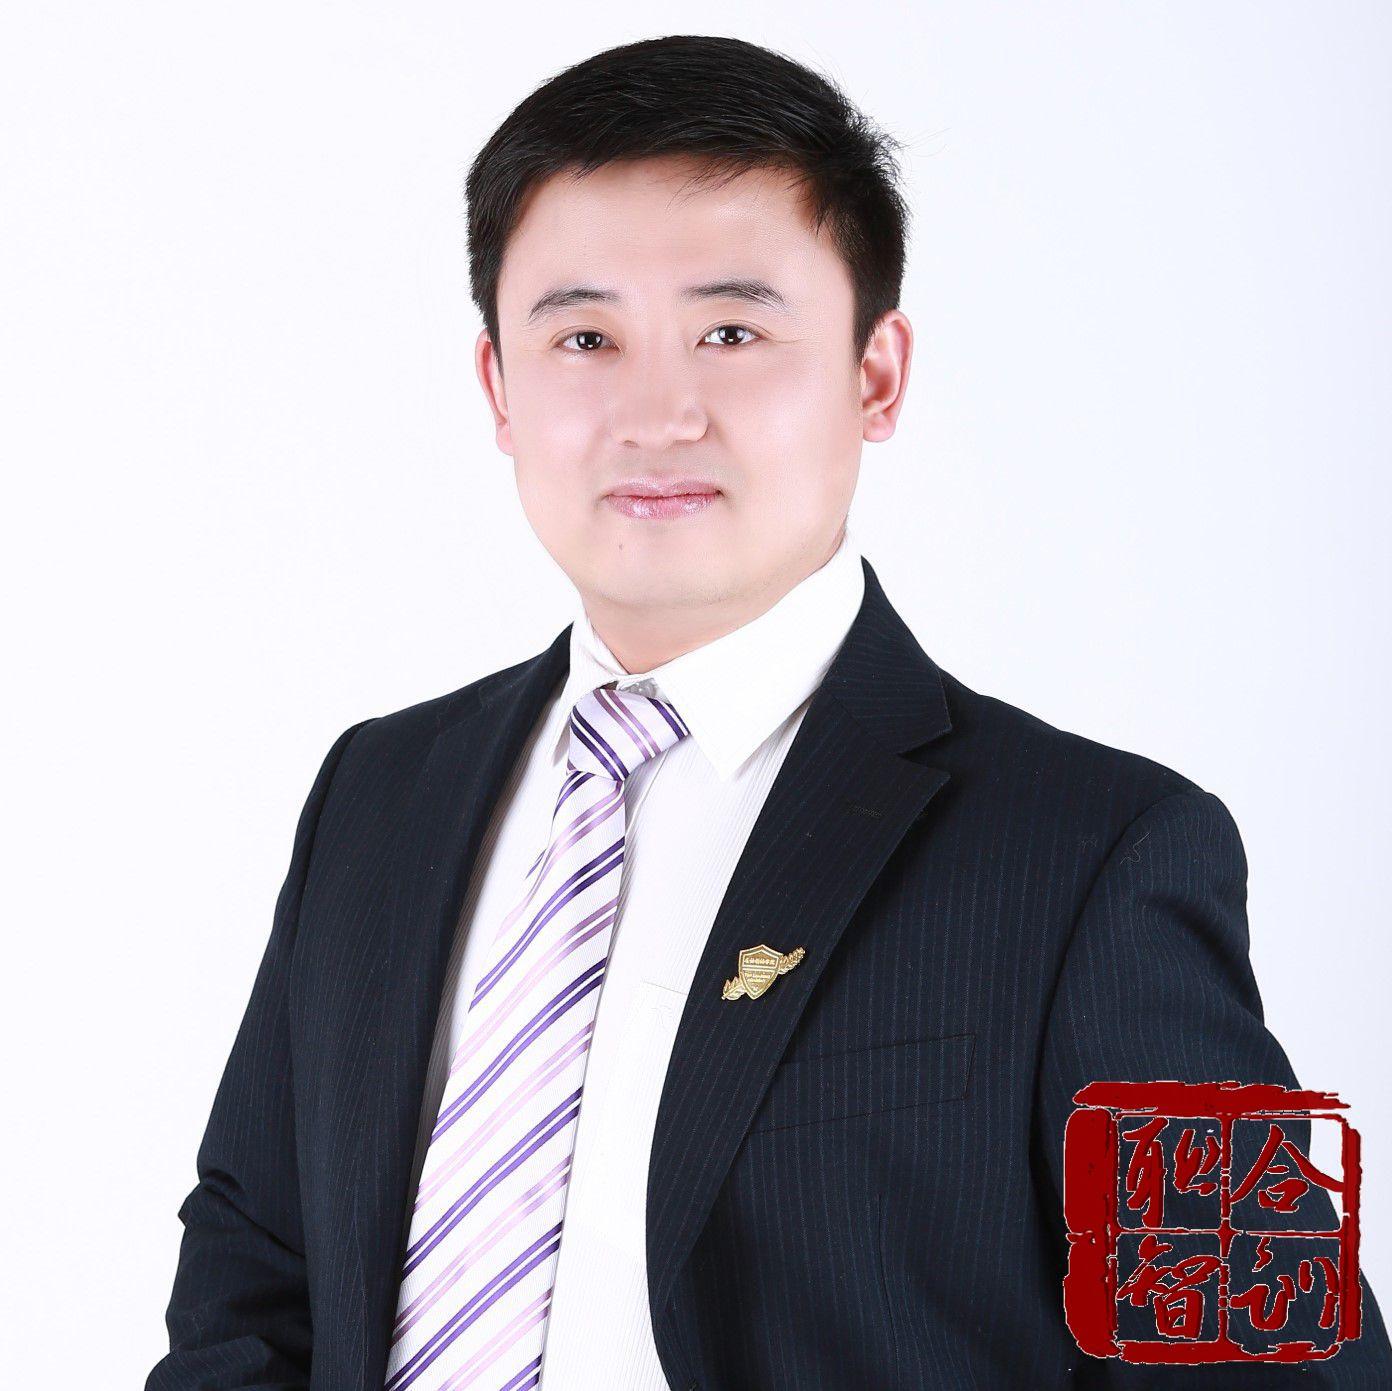 崔恒《项目型销售公关策略与技巧》